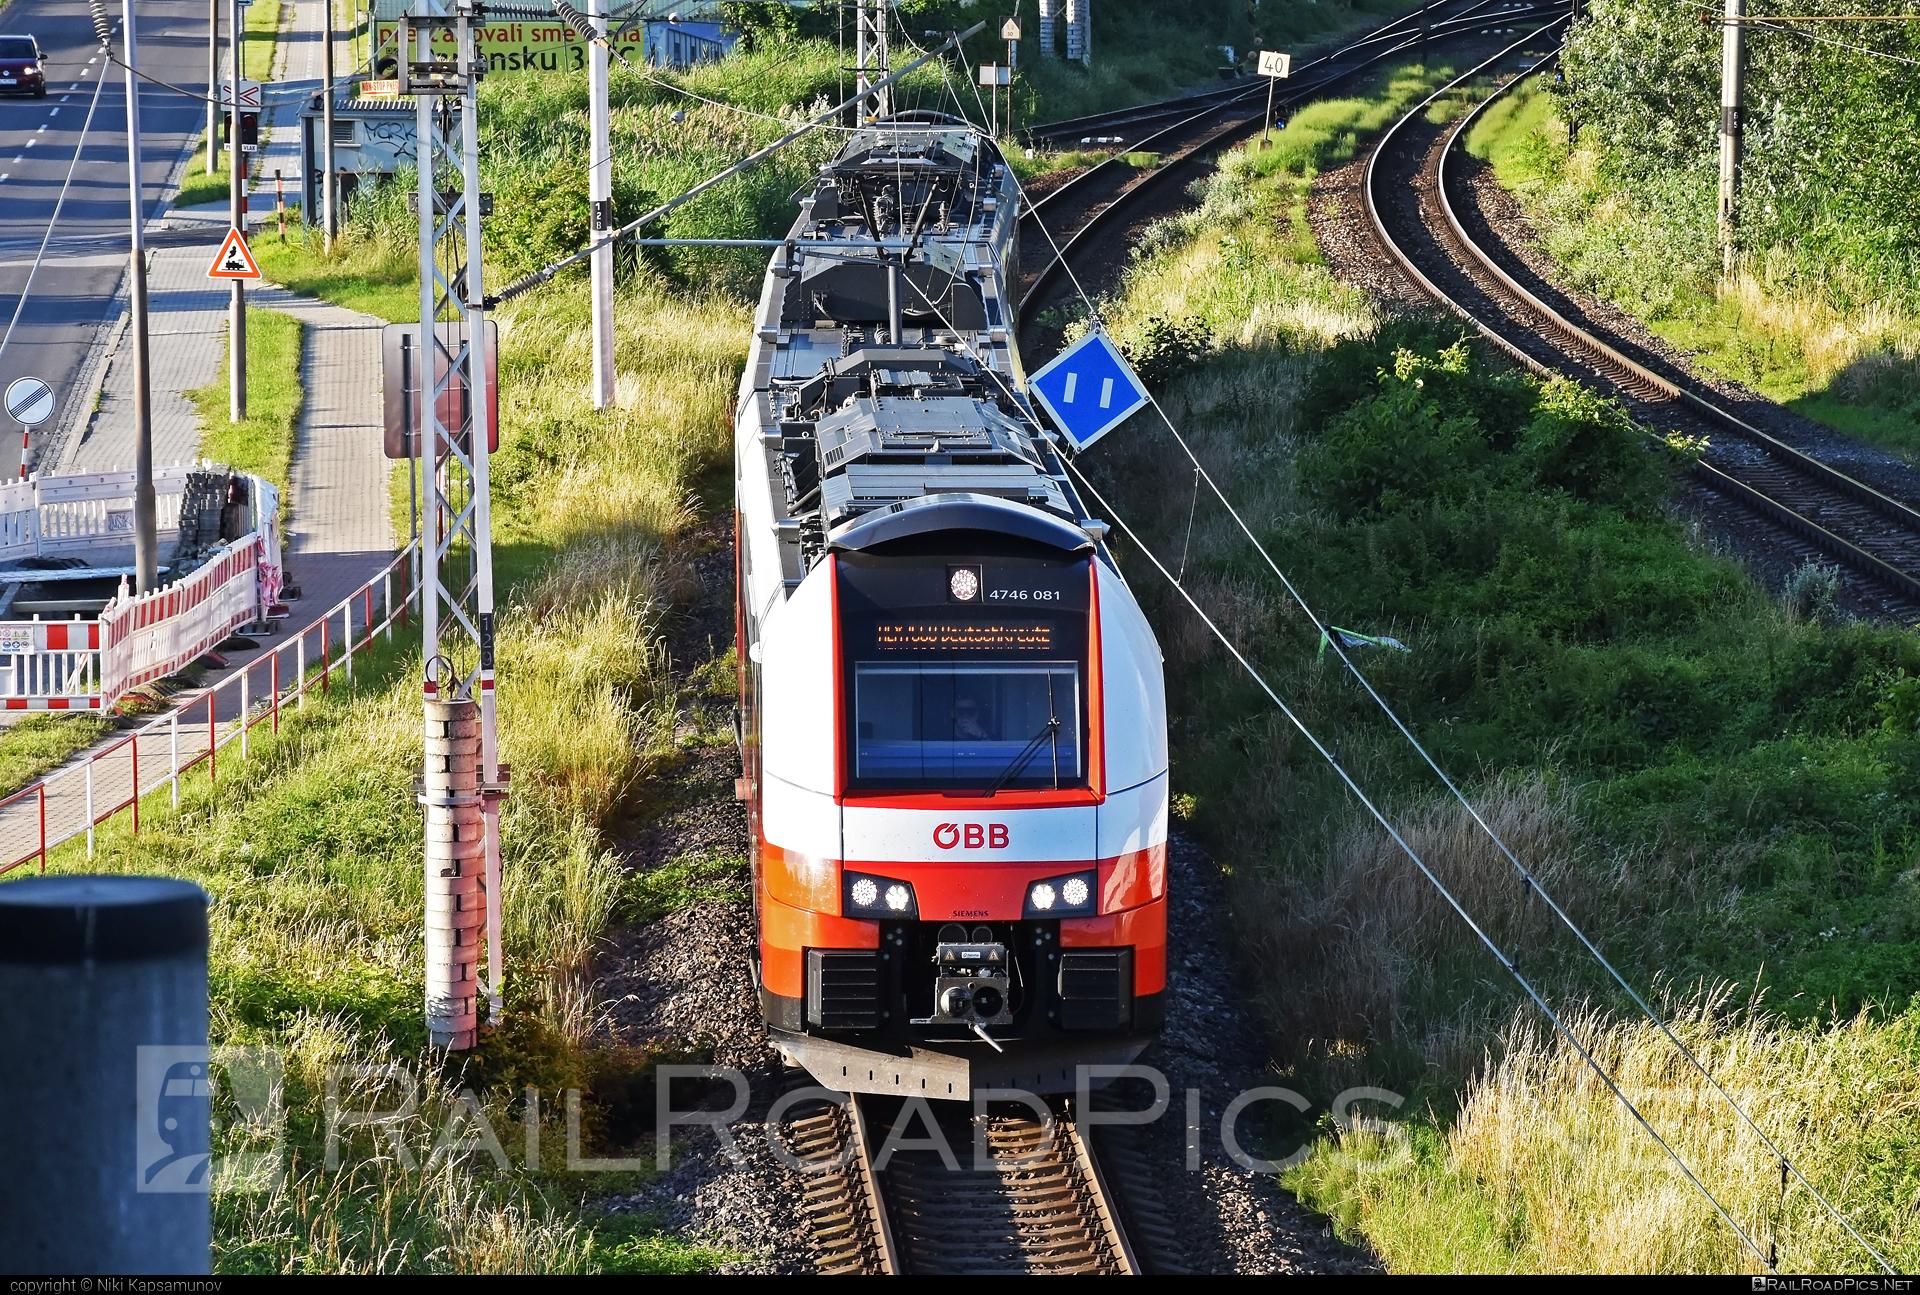 Siemens Desiro ML - 4746 081 operated by Österreichische Bundesbahnen #cityjet #desiro #desiroml #obb #obbcityjet #osterreichischebundesbahnen #siemens #siemensdesiro #siemensdesiroml